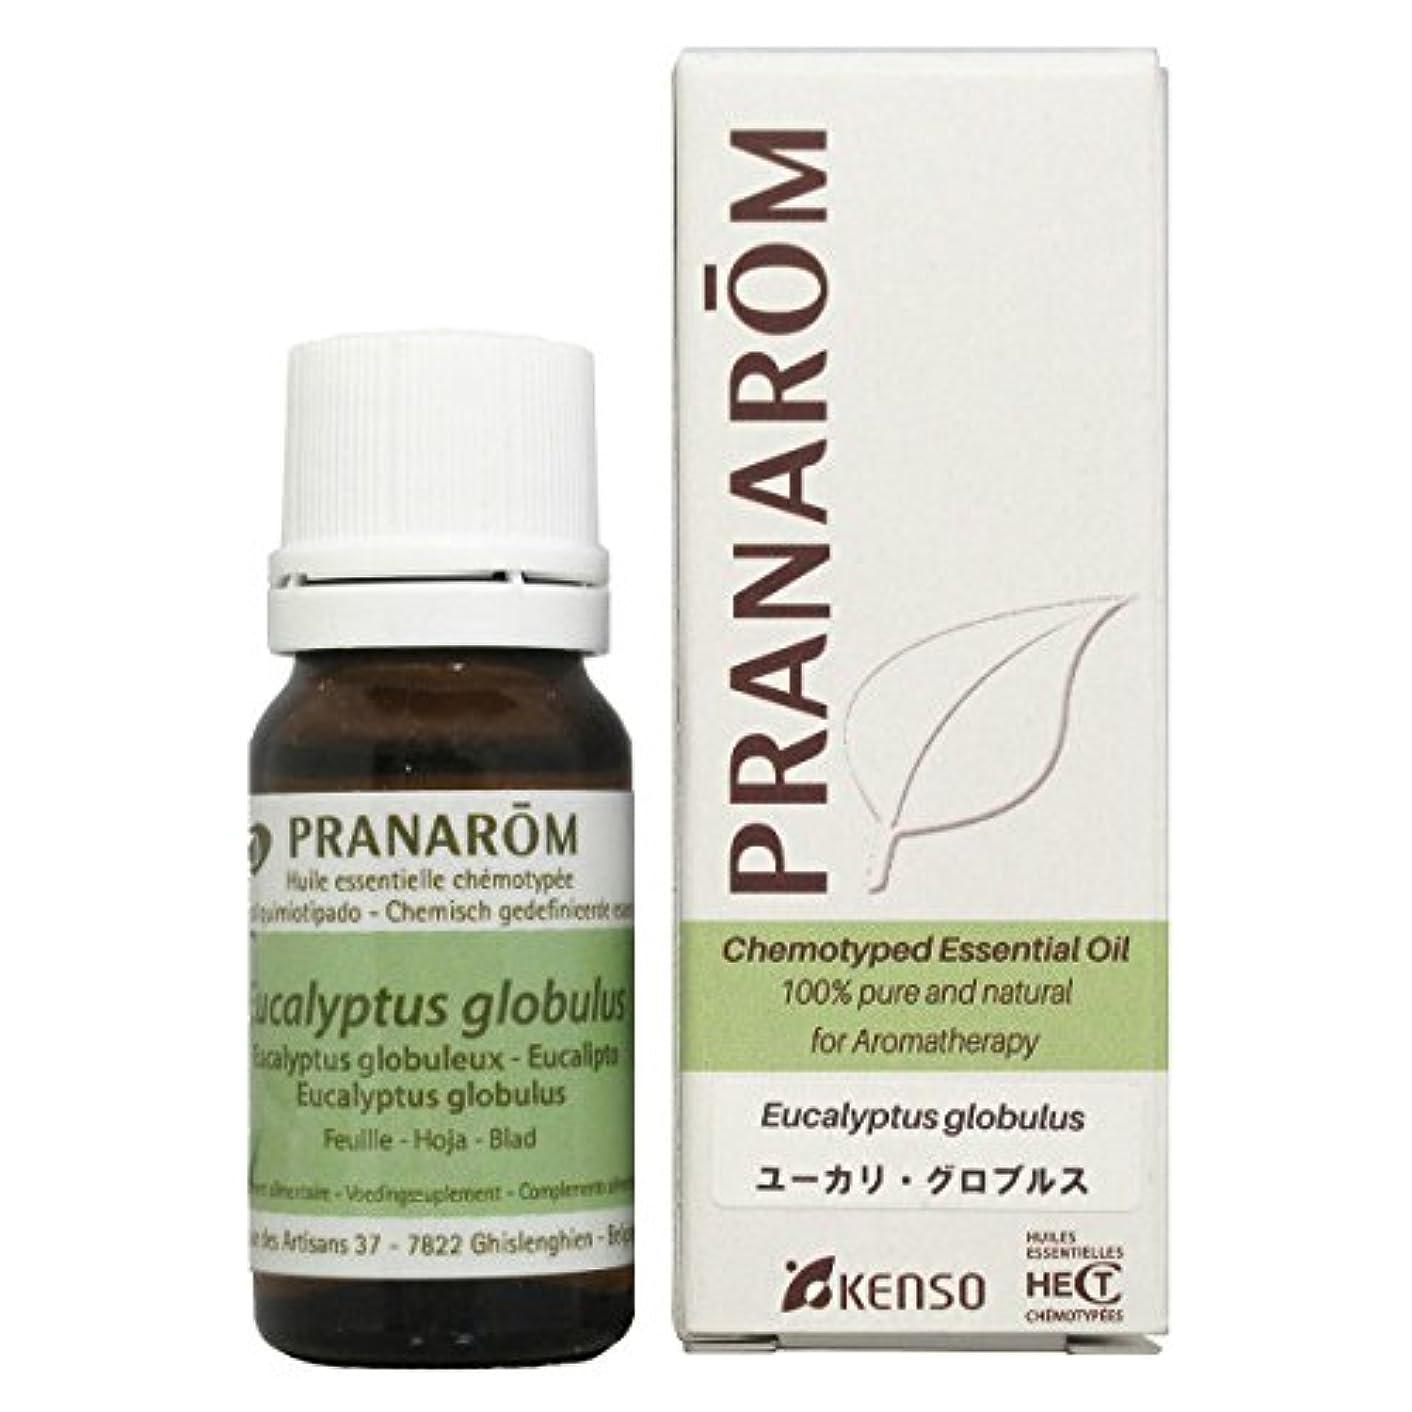 令状獲物ブランドプラナロム ユーカリグロブルス 10ml (PRANAROM ケモタイプ精油)